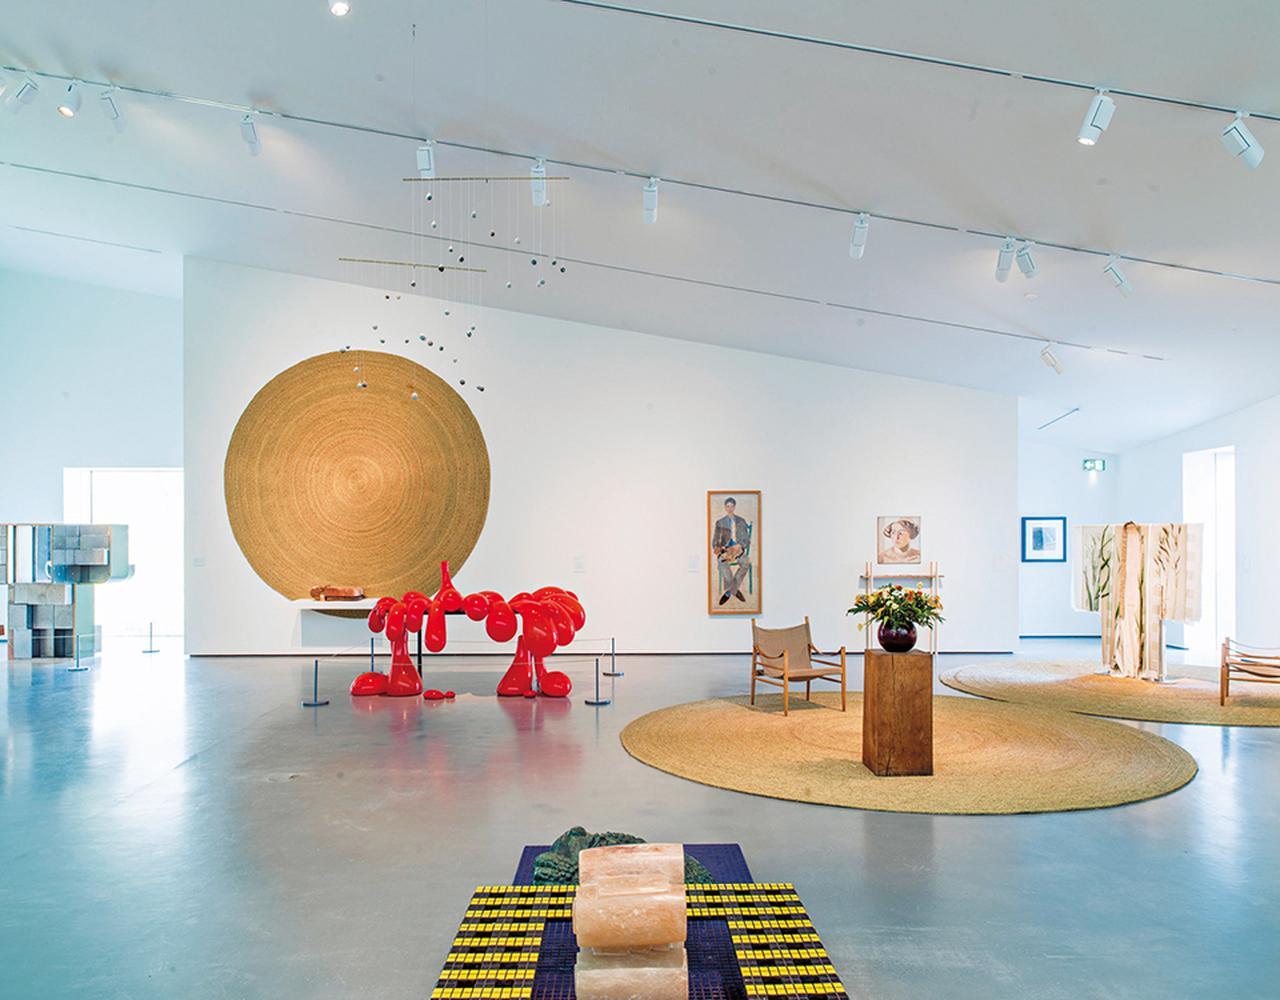 Images : 6番目の画像 - 「ジョナサン・アンダーソンと アンセア・ハミルトンが語る ファッションとアート」のアルバム - T JAPAN:The New York Times Style Magazine 公式サイト